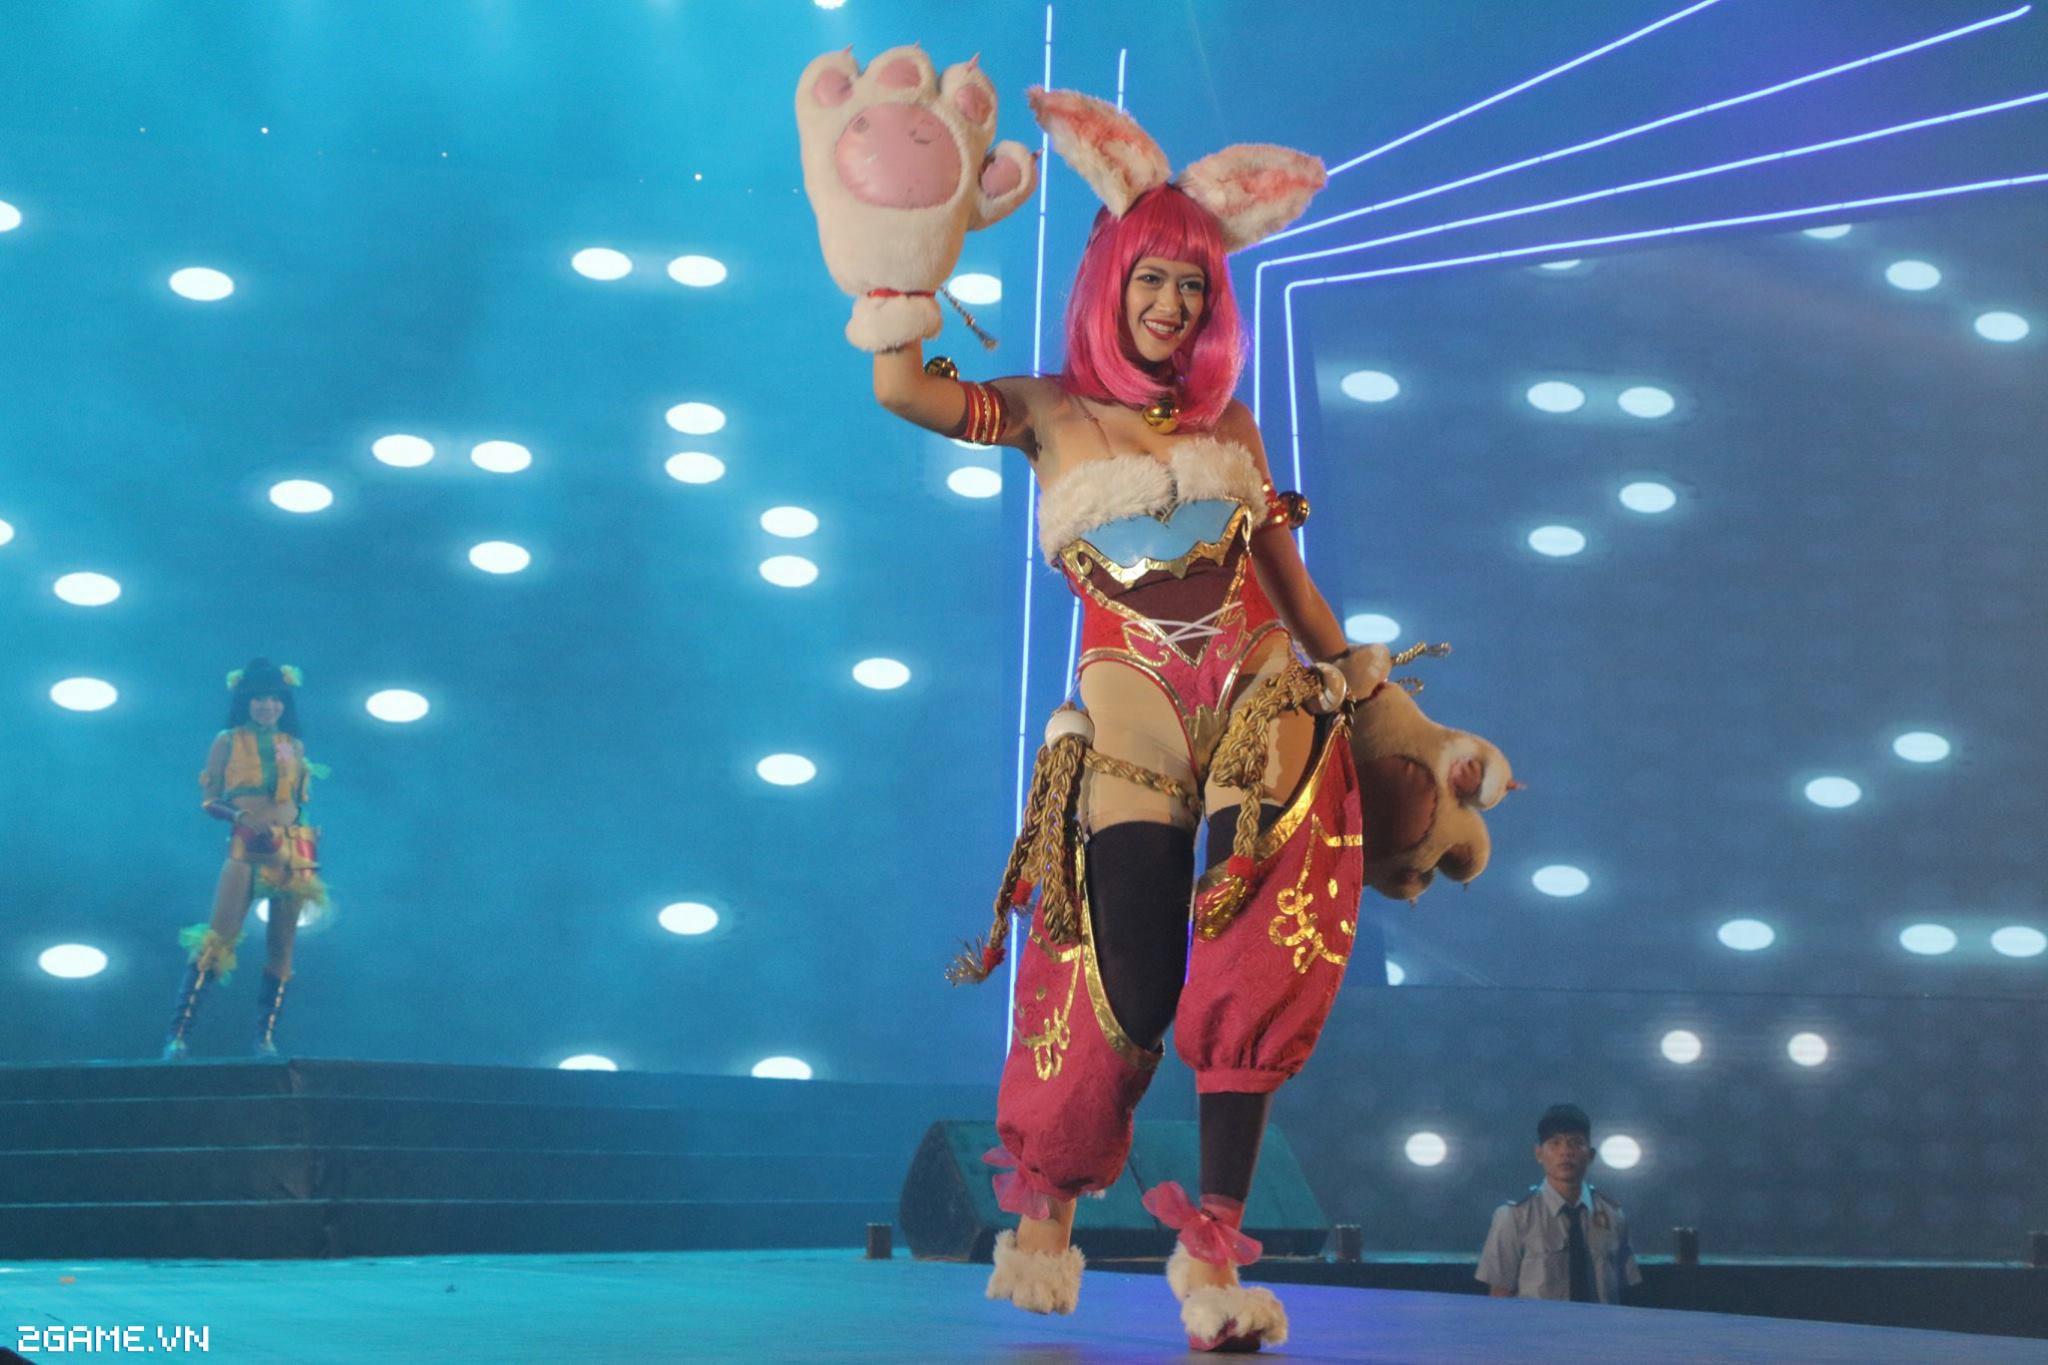 Điểm mặt các cosplay game xuất hiện tại Đại Hội 360mobi 2016 17